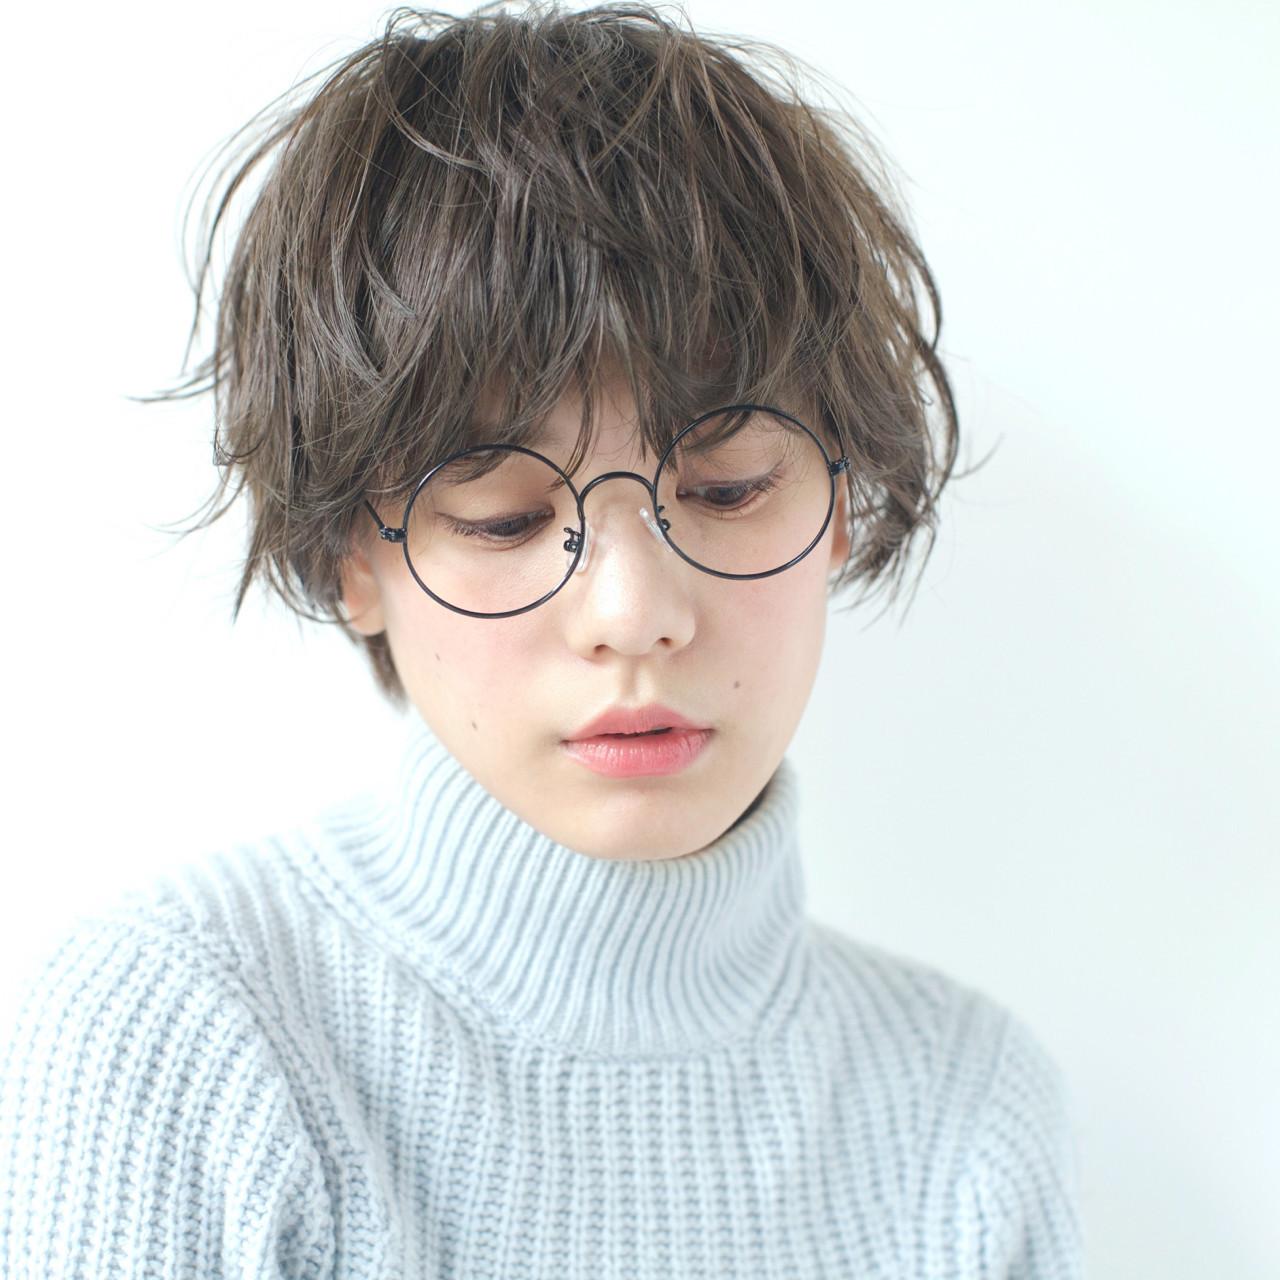 キレイな髪色も魅力の1つ 佐脇 正徳 | LOAVE AOYAMA(ローヴ アオヤマ)